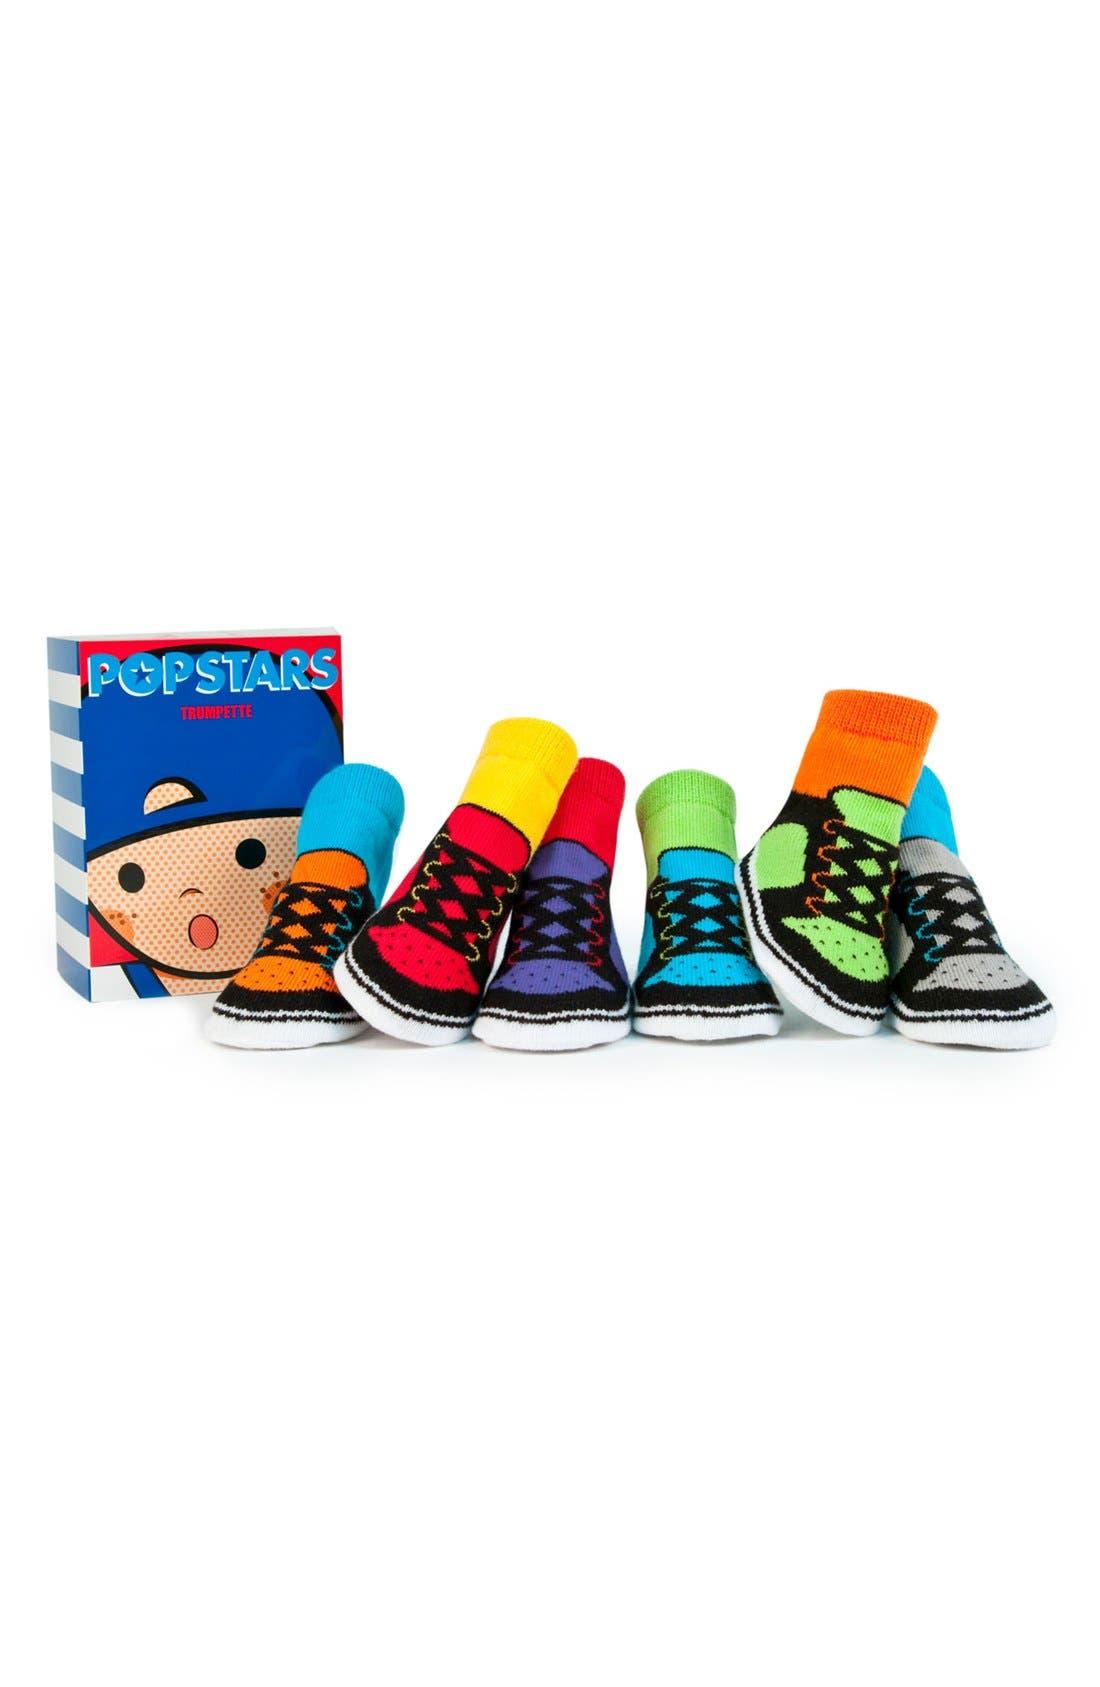 Alternate Image 1 Selected - Trumpette 'Pop Stars' Socks Gift Set (6-Pack)(Baby Boys)